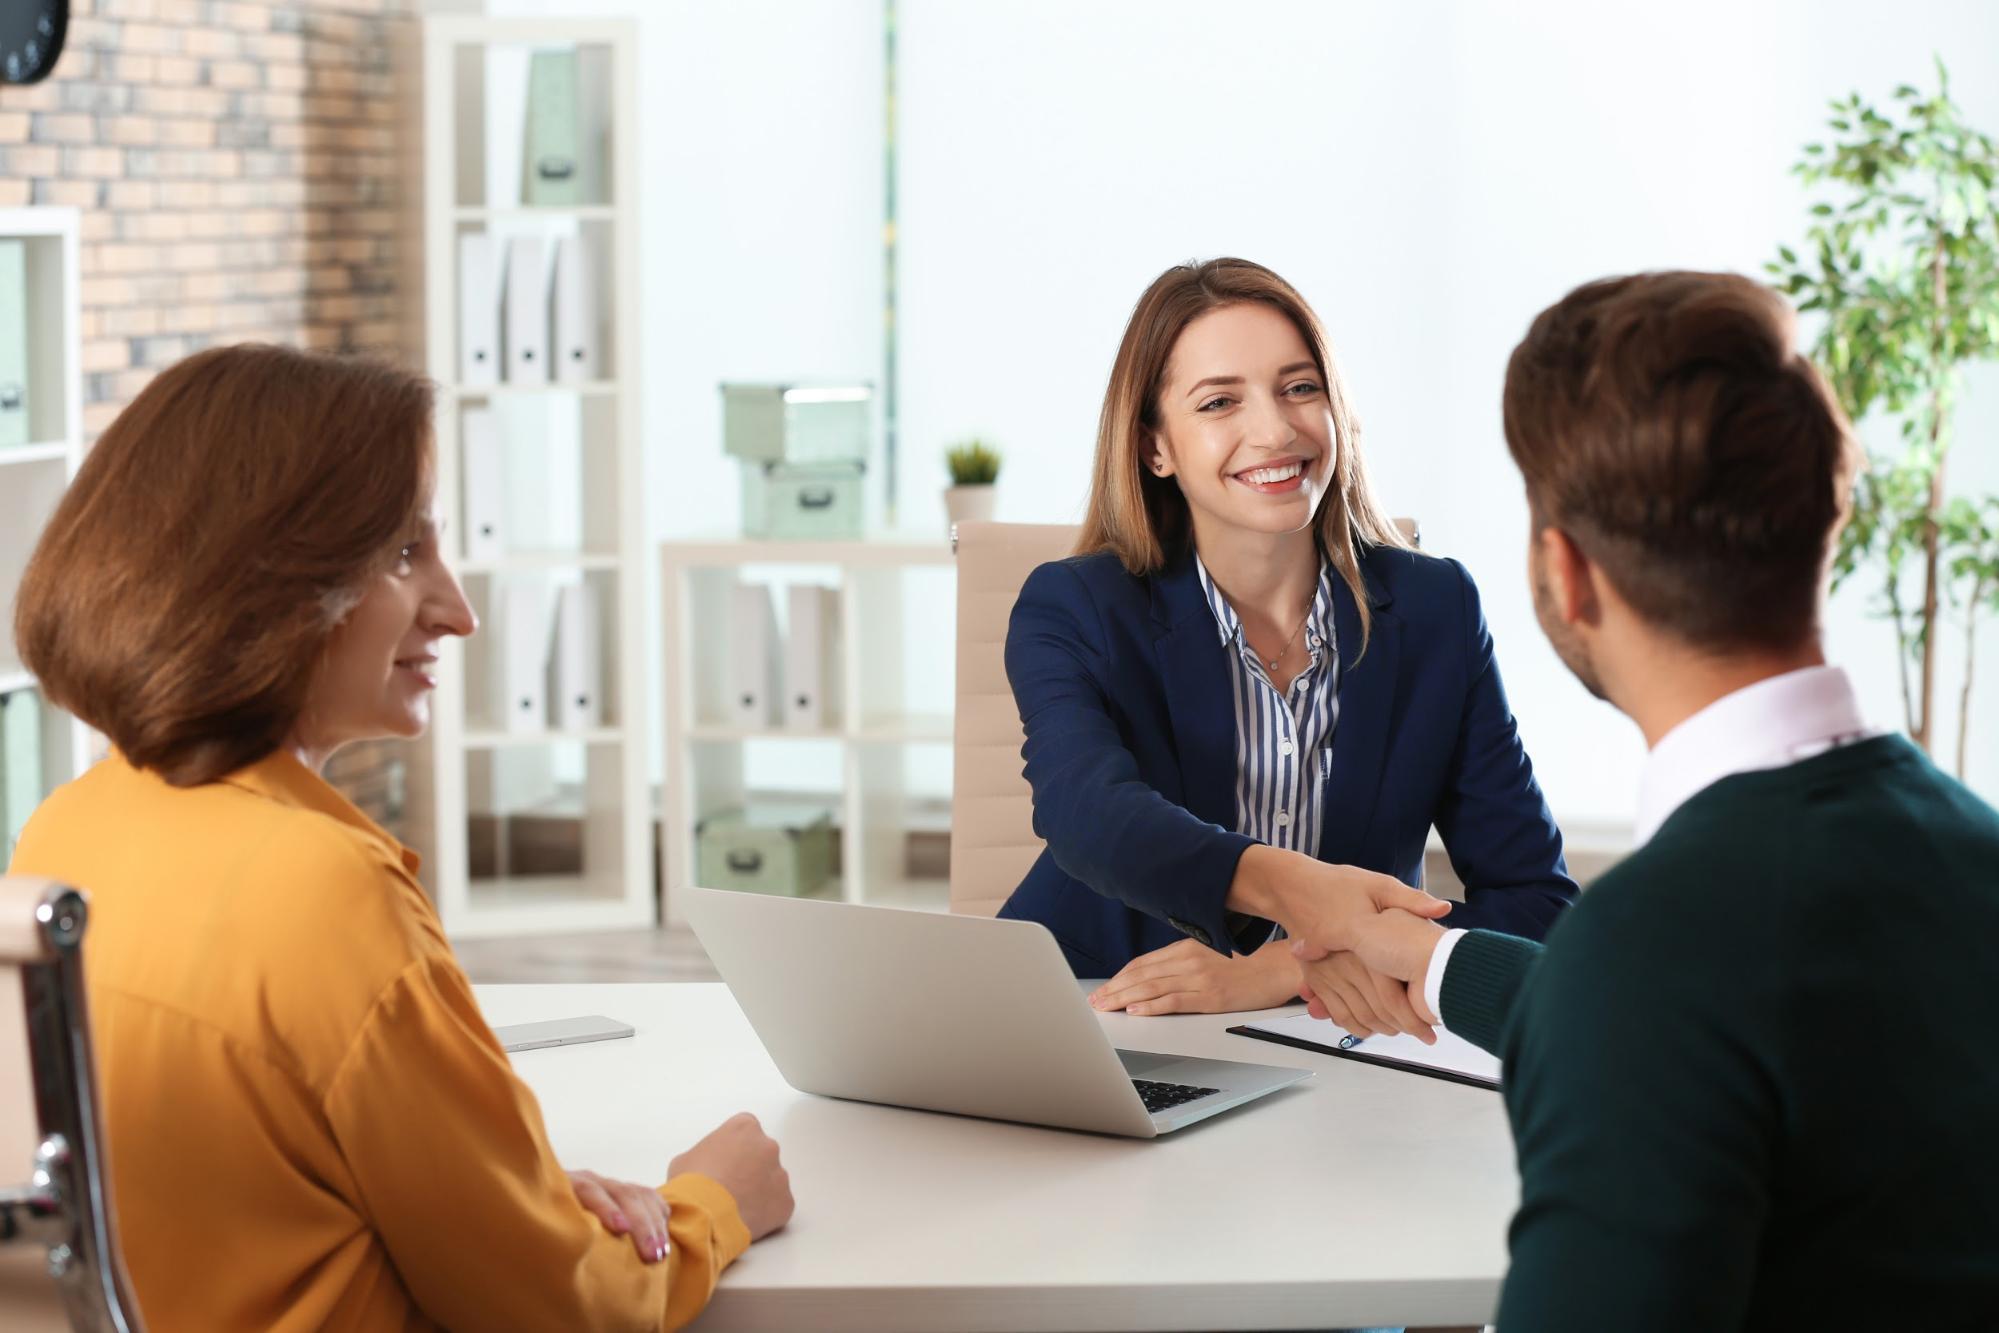 Human Resource Internships: Intern and interviewer shaking hands